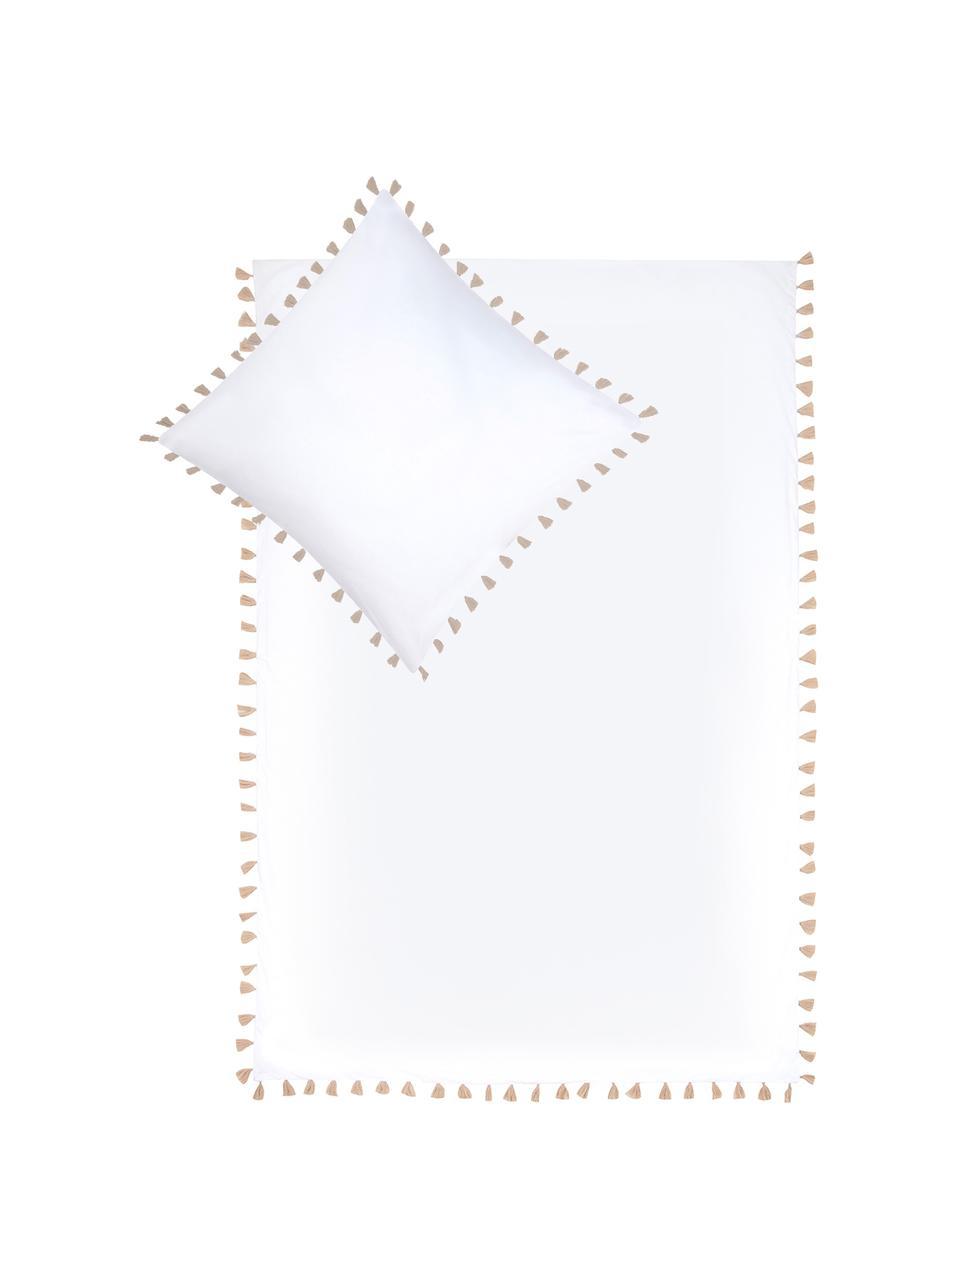 Baumwollperkal-Bettwäsche Quo mit Quasten, Webart: Perkal Fadendichte 200 TC, Weiß, Beige, 240 x 220 cm + 2 Kissen 80 x 80 cm